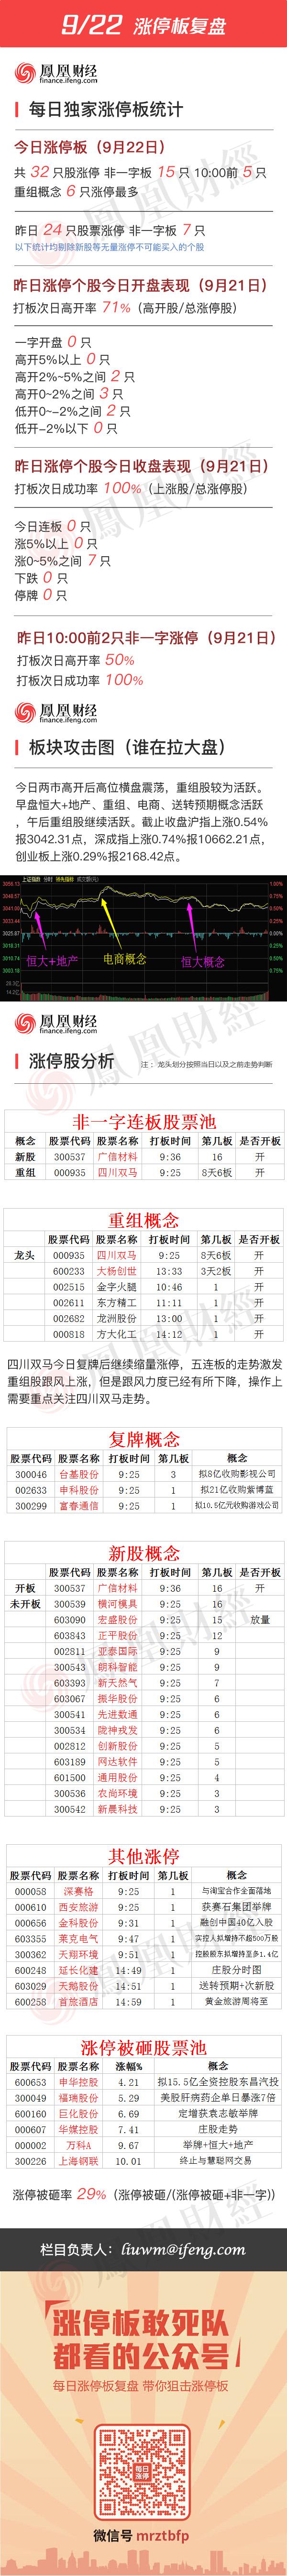 2016年9月22日涨停板复盘 - 小美 - xing1969wuw的博客